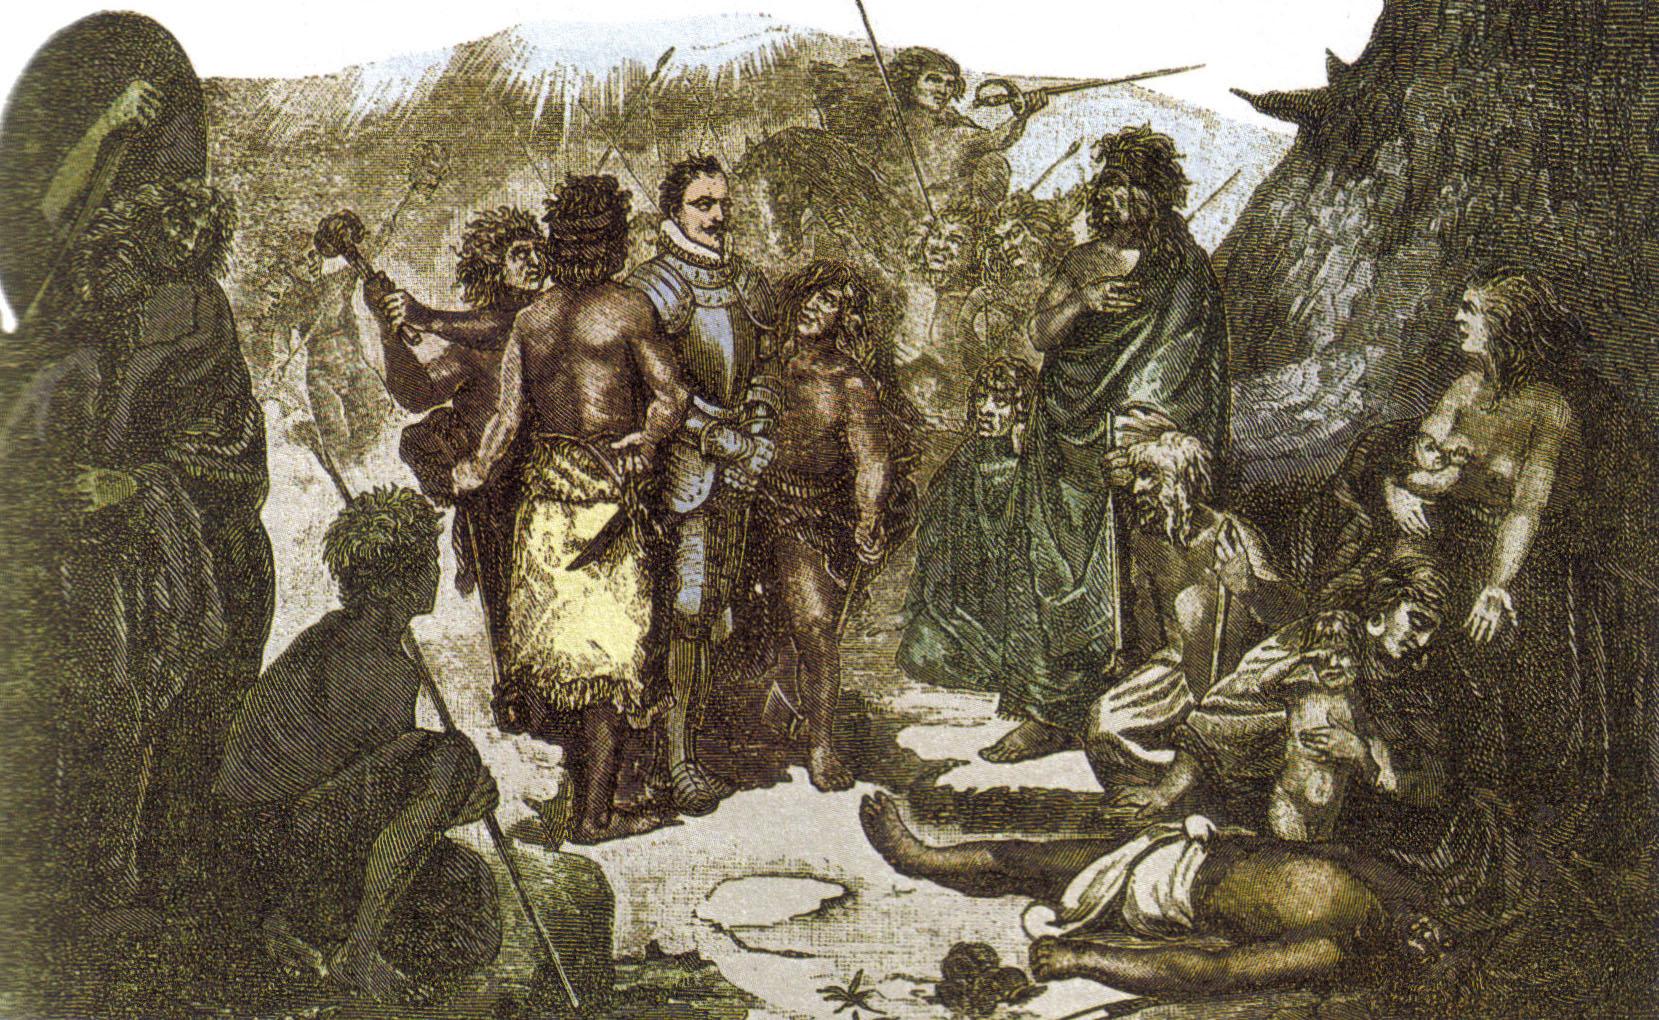 Depiction of Batalla de Tucapel